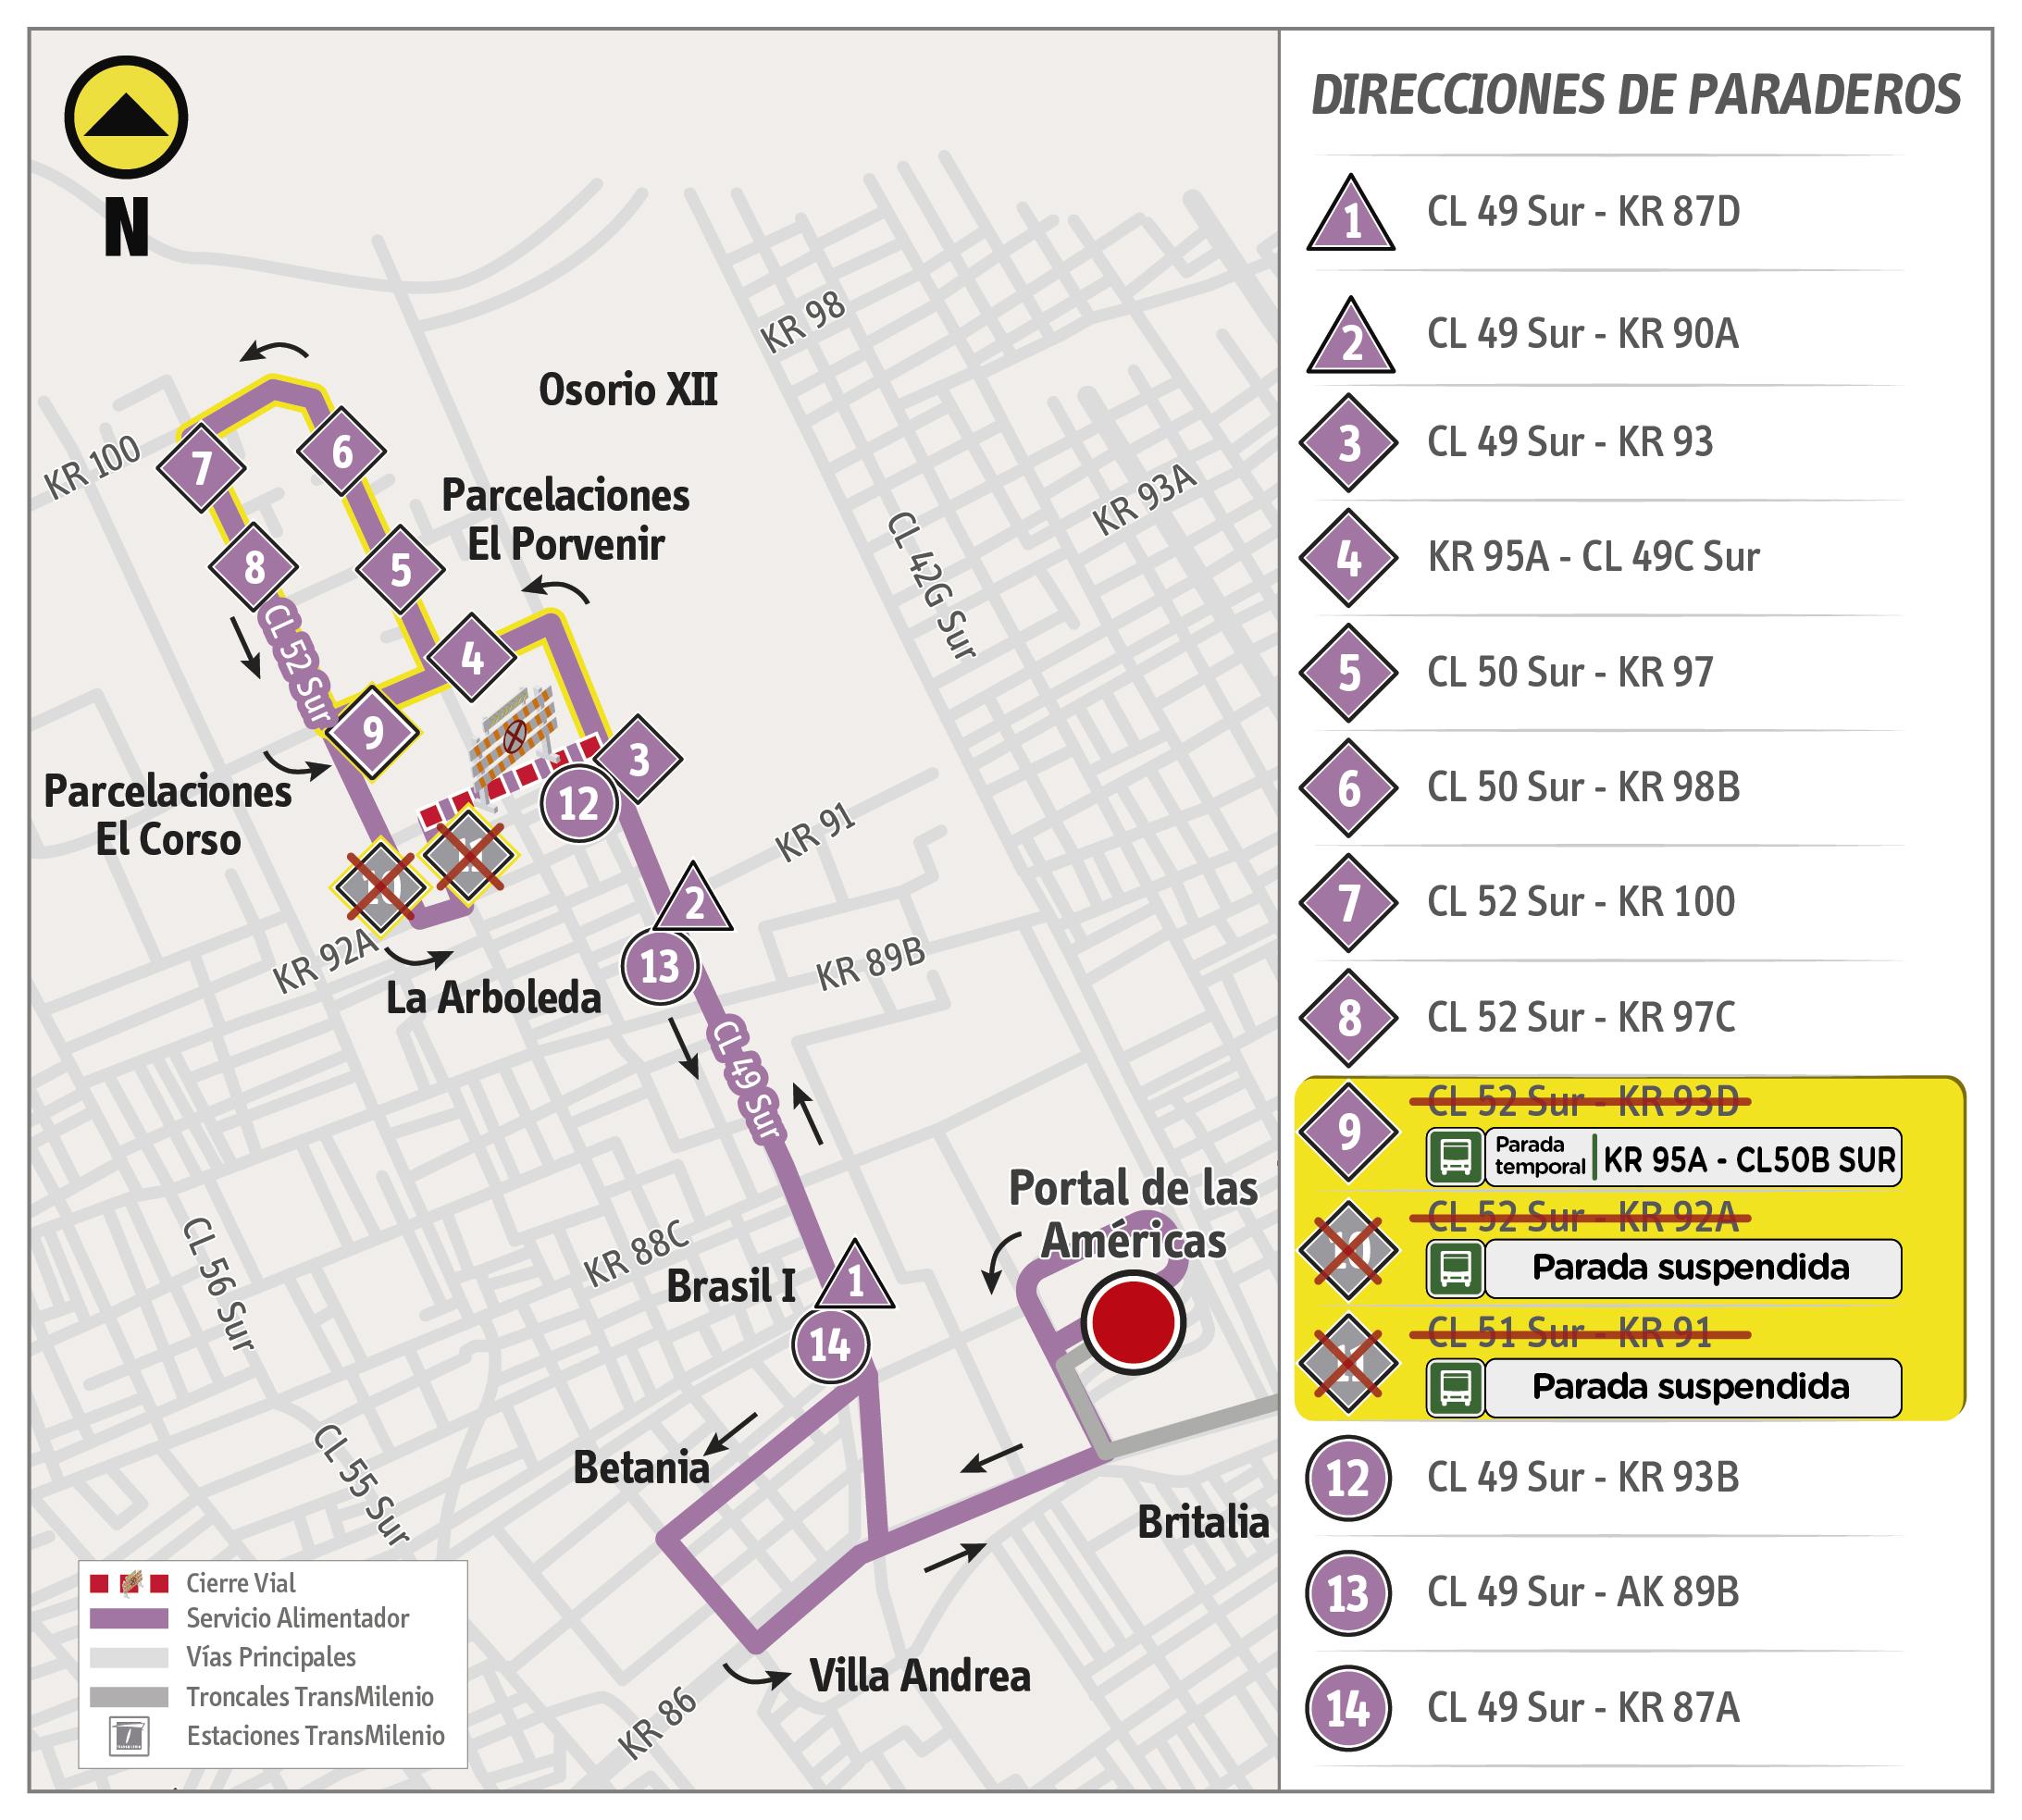 Mapa de la ruta alimentadora 9-8